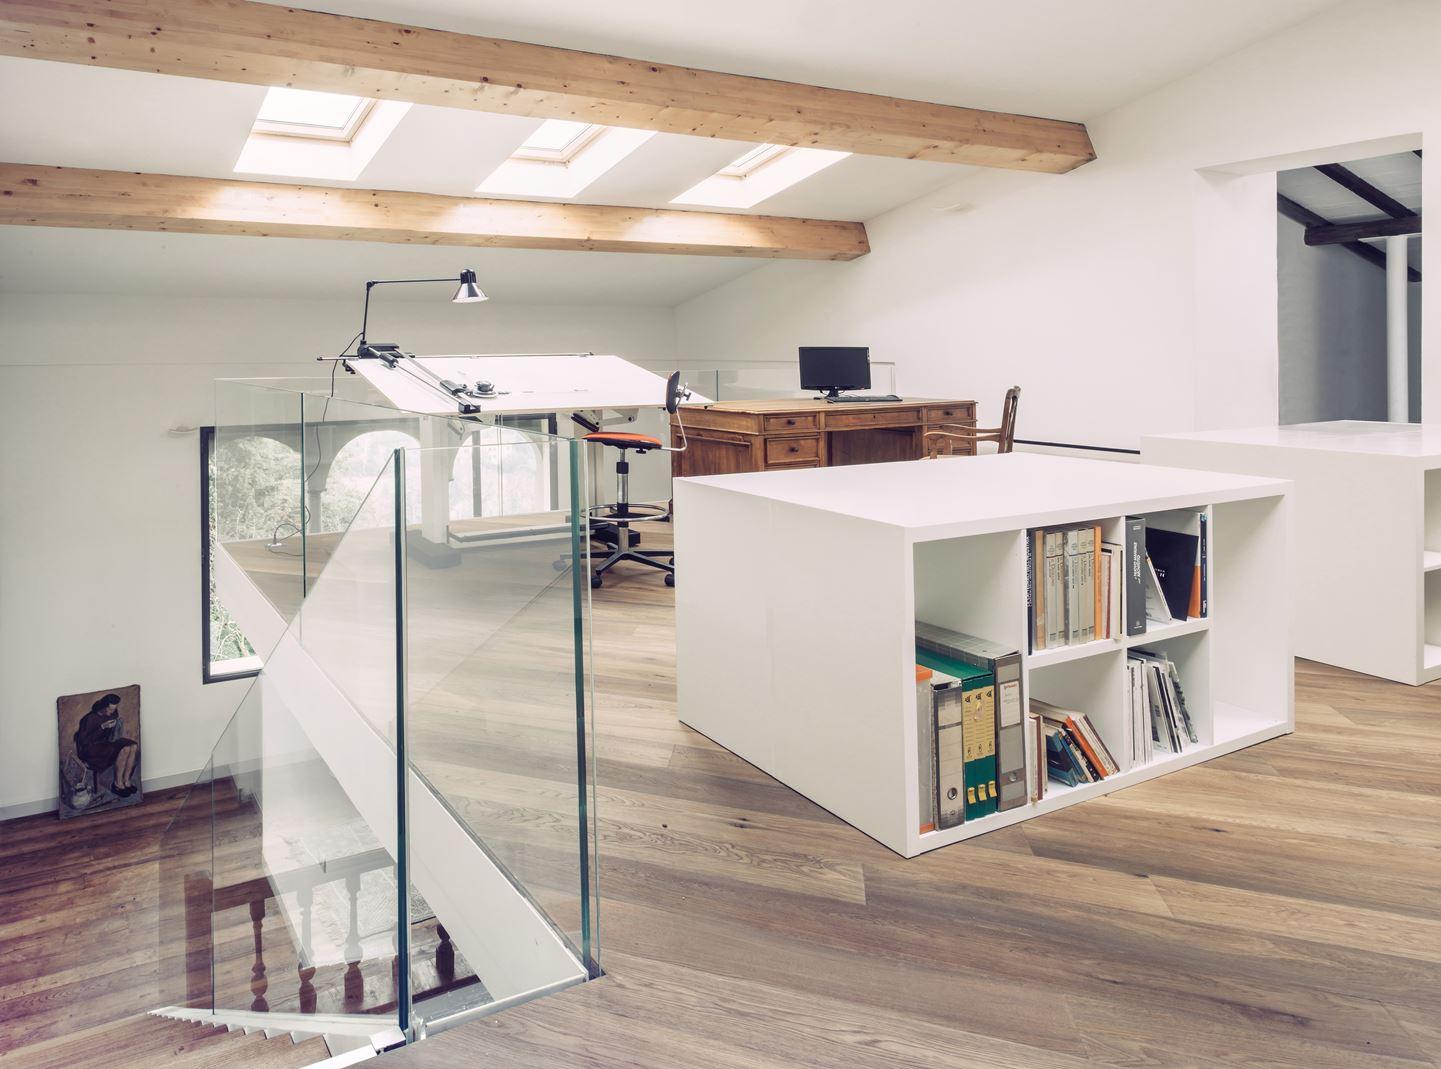 Come aggiungere luce alle stanze per le attivit in casa - Come fare un soppalco in casa ...